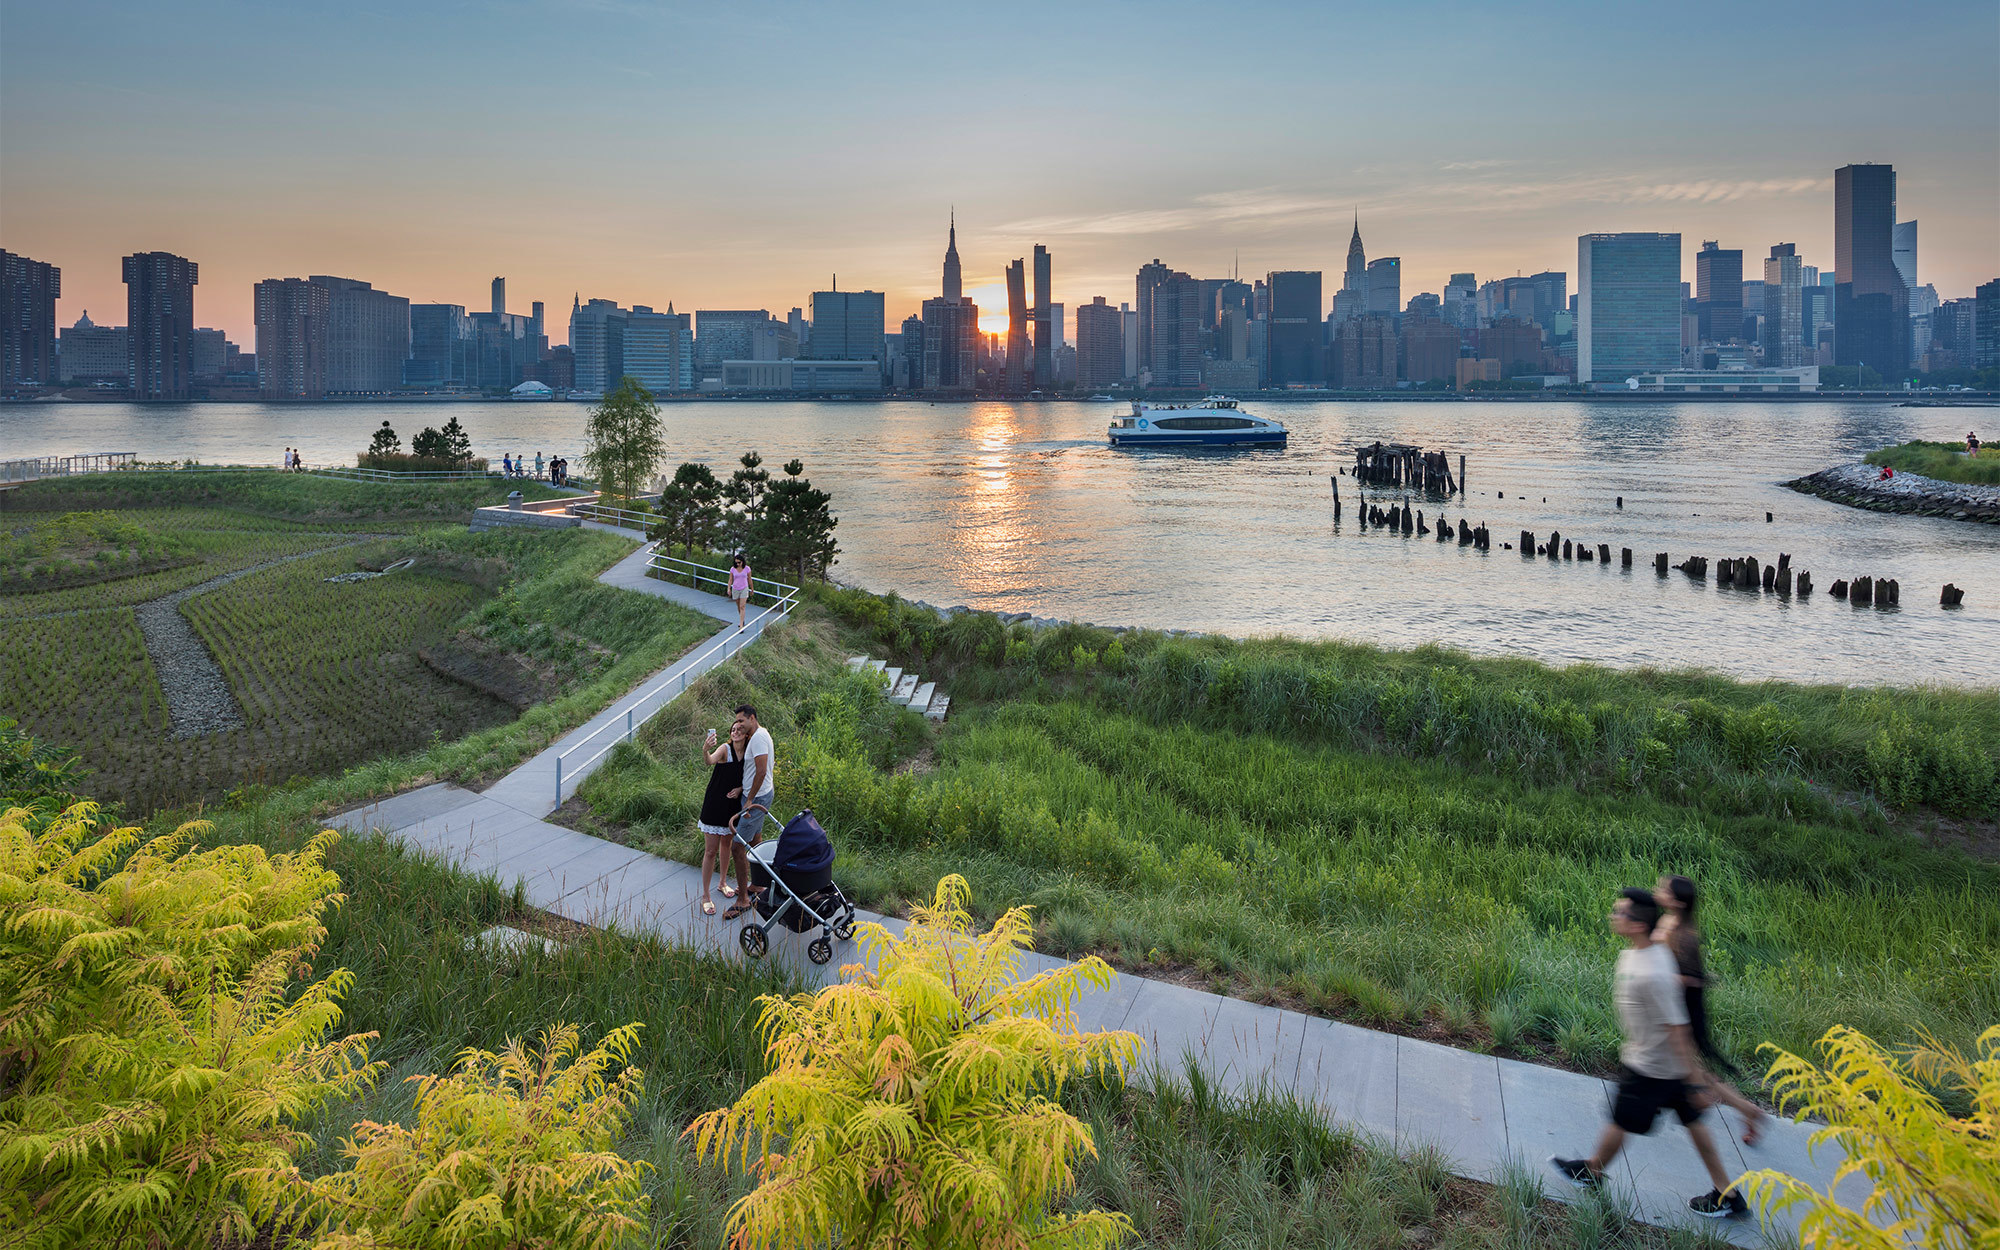 Der Hunter's Point South Waterfront Park soll ein internationales Modell der Stadtökologie und ein Labor für innovatives und nachhaltiges Denken werden. Architekten: SWA/Balsley and Weiss/Manfredi